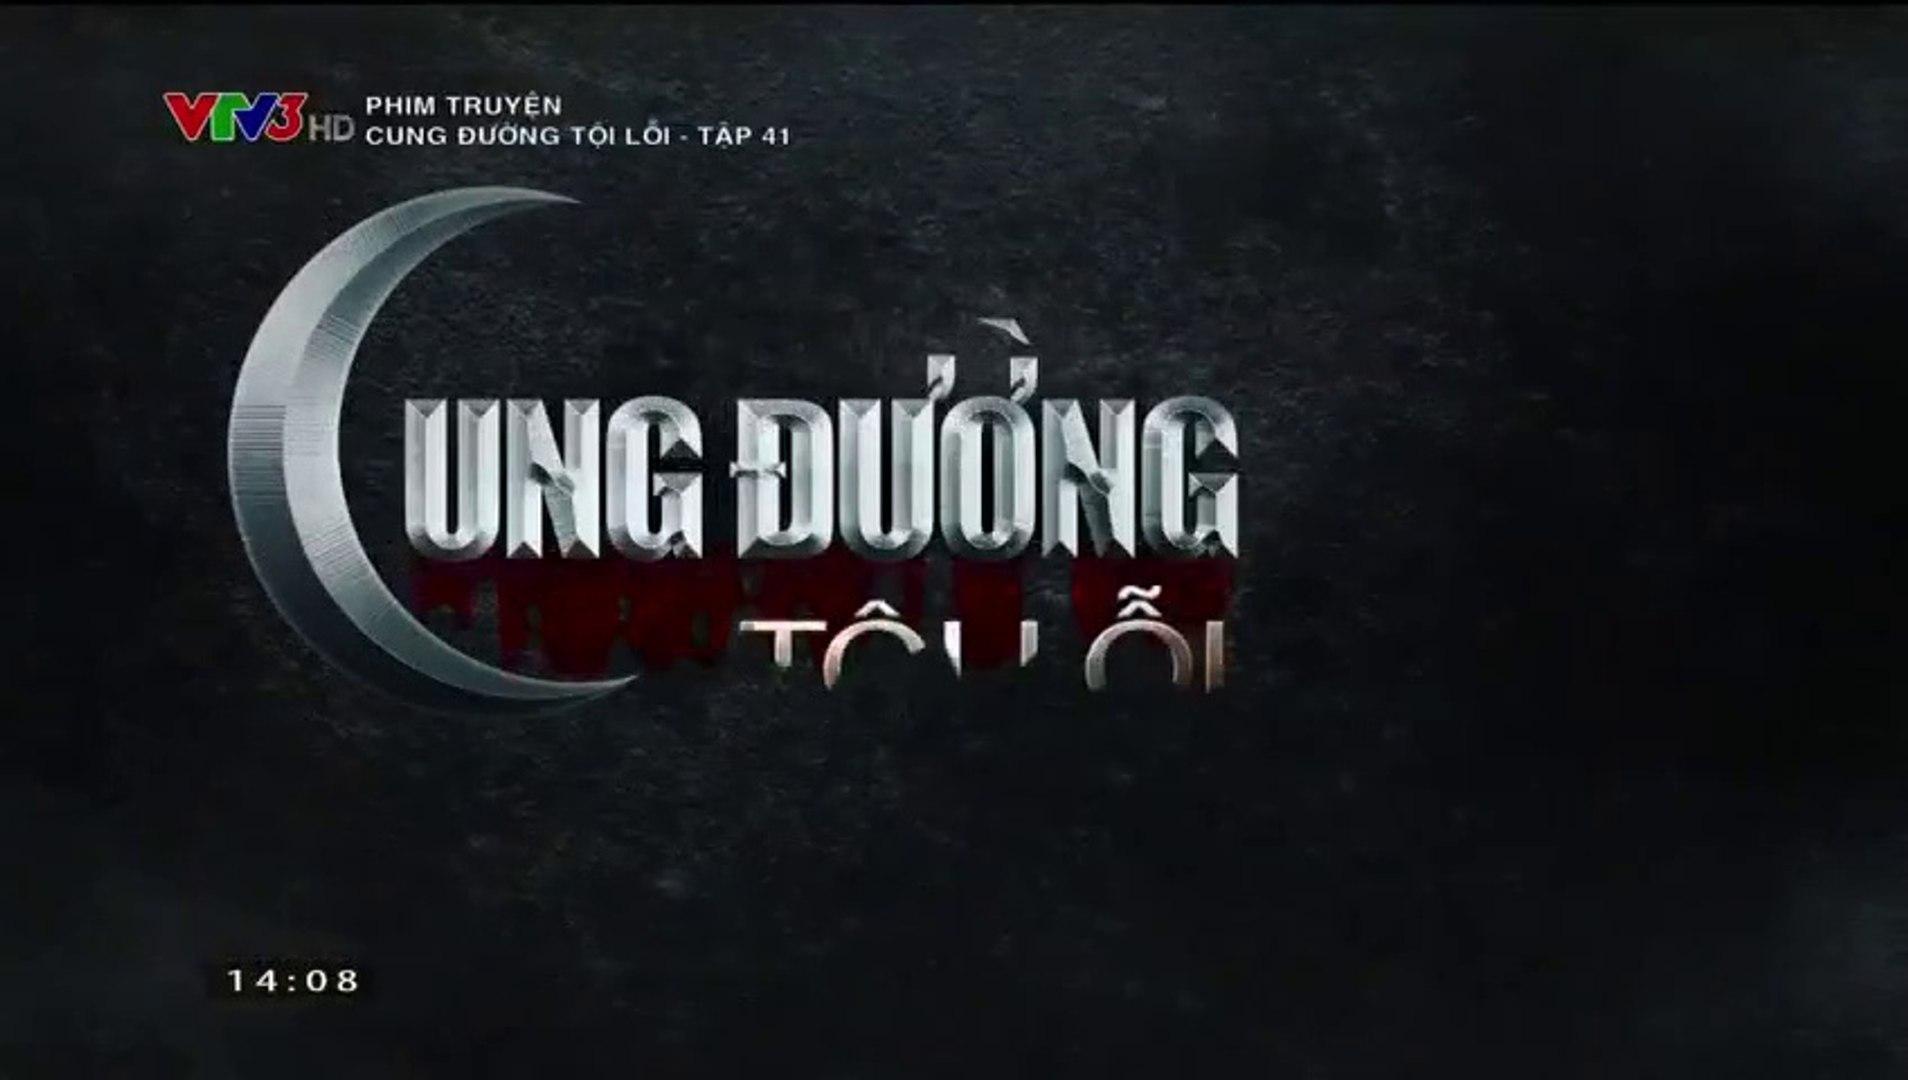 Cung Đường Tội Lỗi Tập 41 - (Bản Chuẩn Full - Phim Việt Nam VTV3) - Ngày 9/12/2018 - Cung Duong Toi